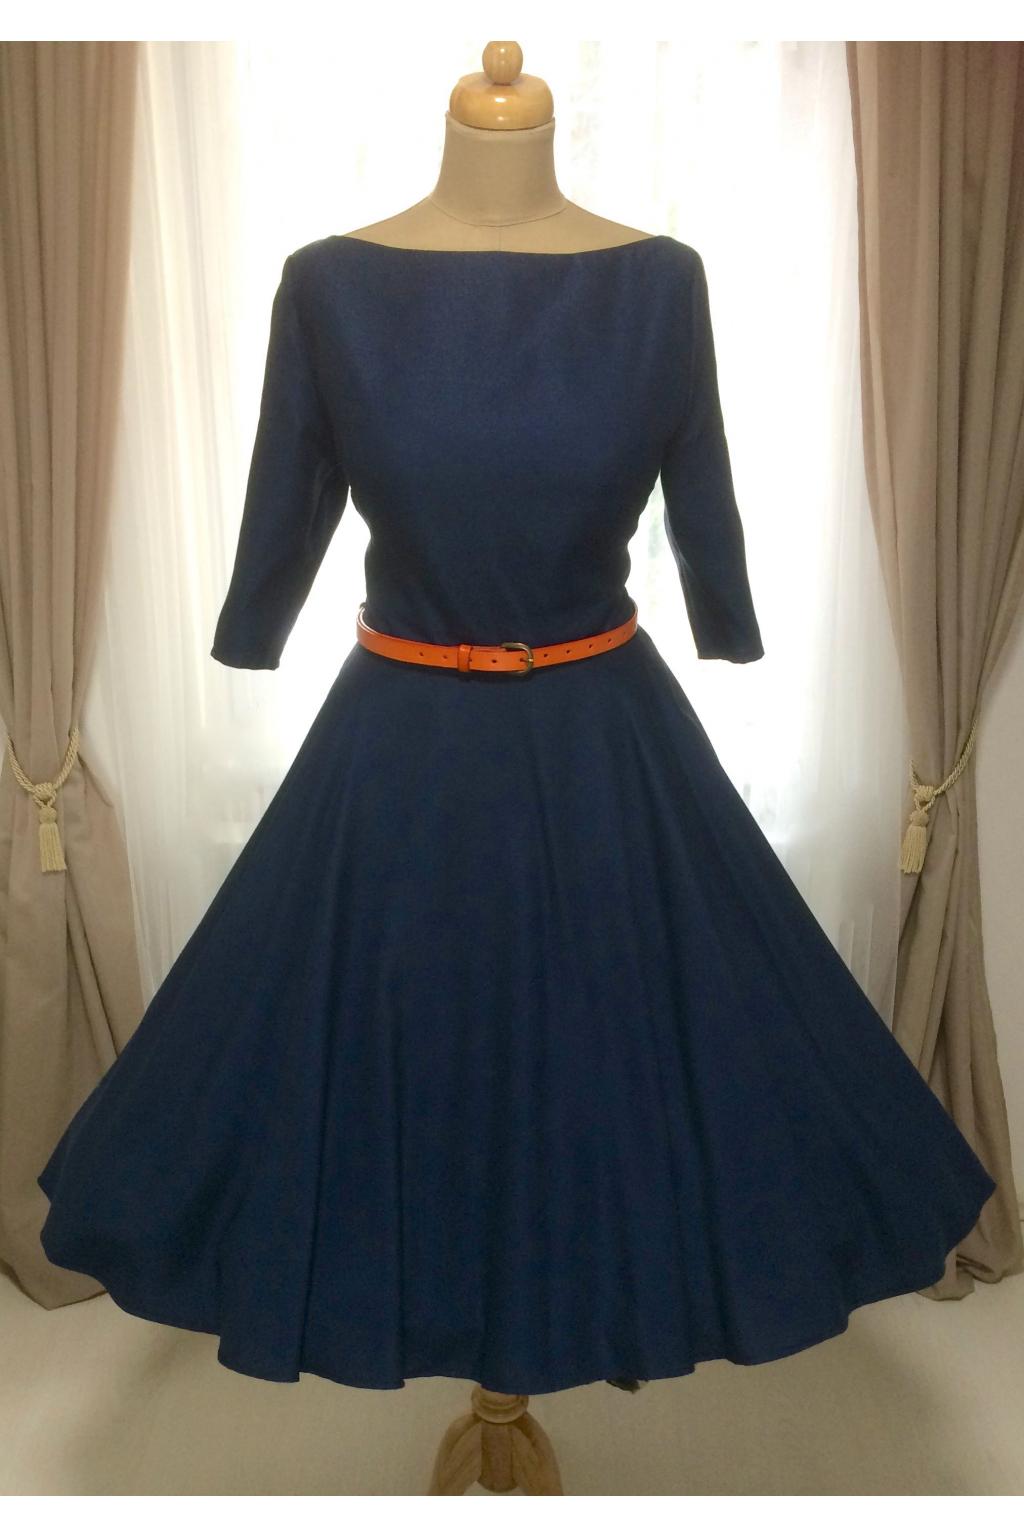 ADELE vlněné tmavě modré retro šaty - MiaBella b4a181ef04